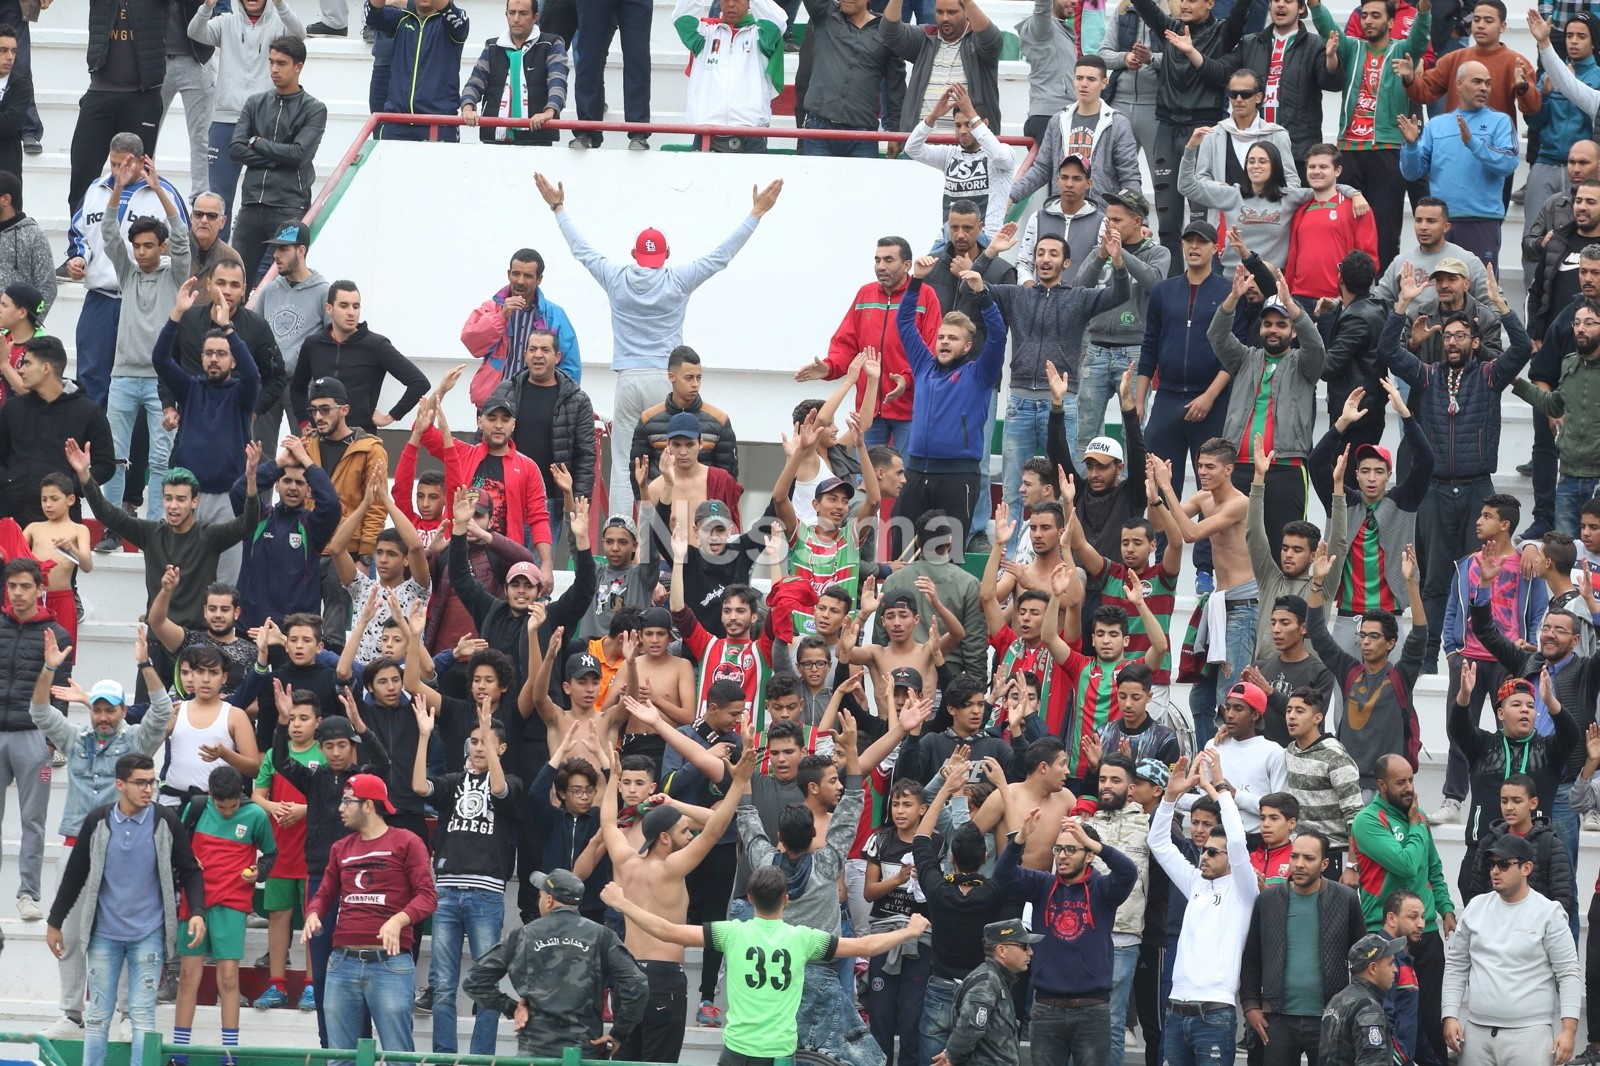 صور الشوط الثاني لمباراة الملعب التونسي و النادي الصفاقسي